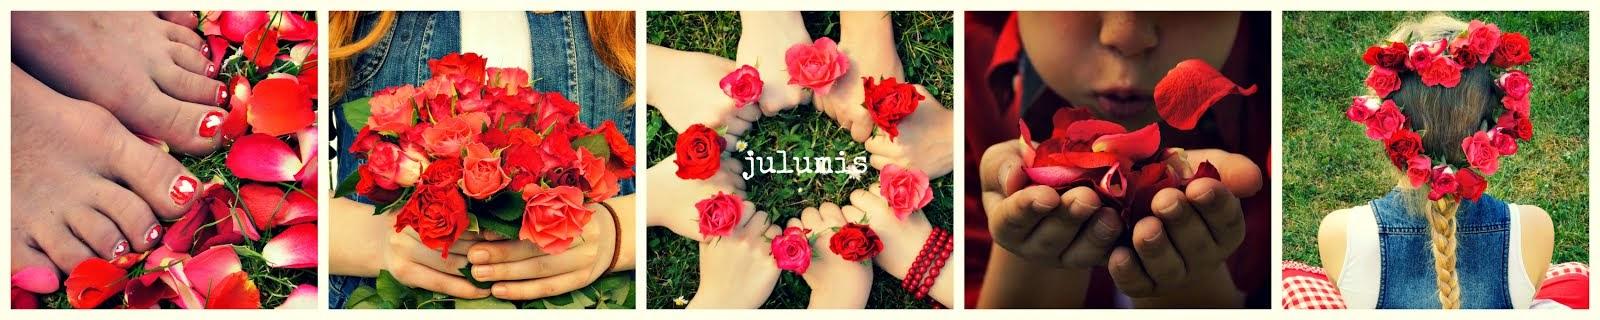 JULUMIS